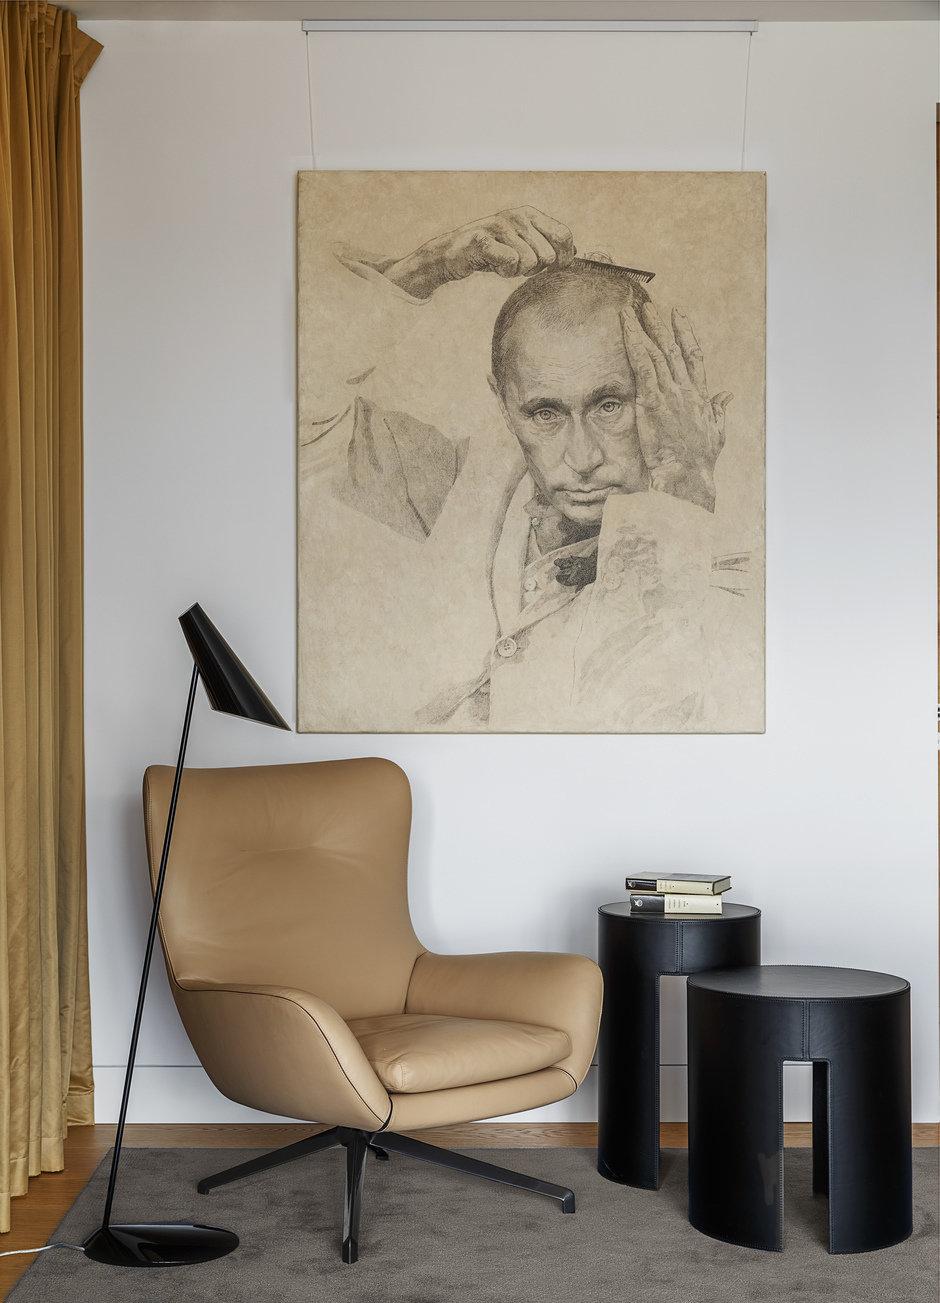 Фотография: Кабинет в стиле Современный, Проект недели, Москва, Более 90 метров, #эксклюзивныепроекты, ЖК «Легенда Цветного», Ab-architects – фото на InMyRoom.ru